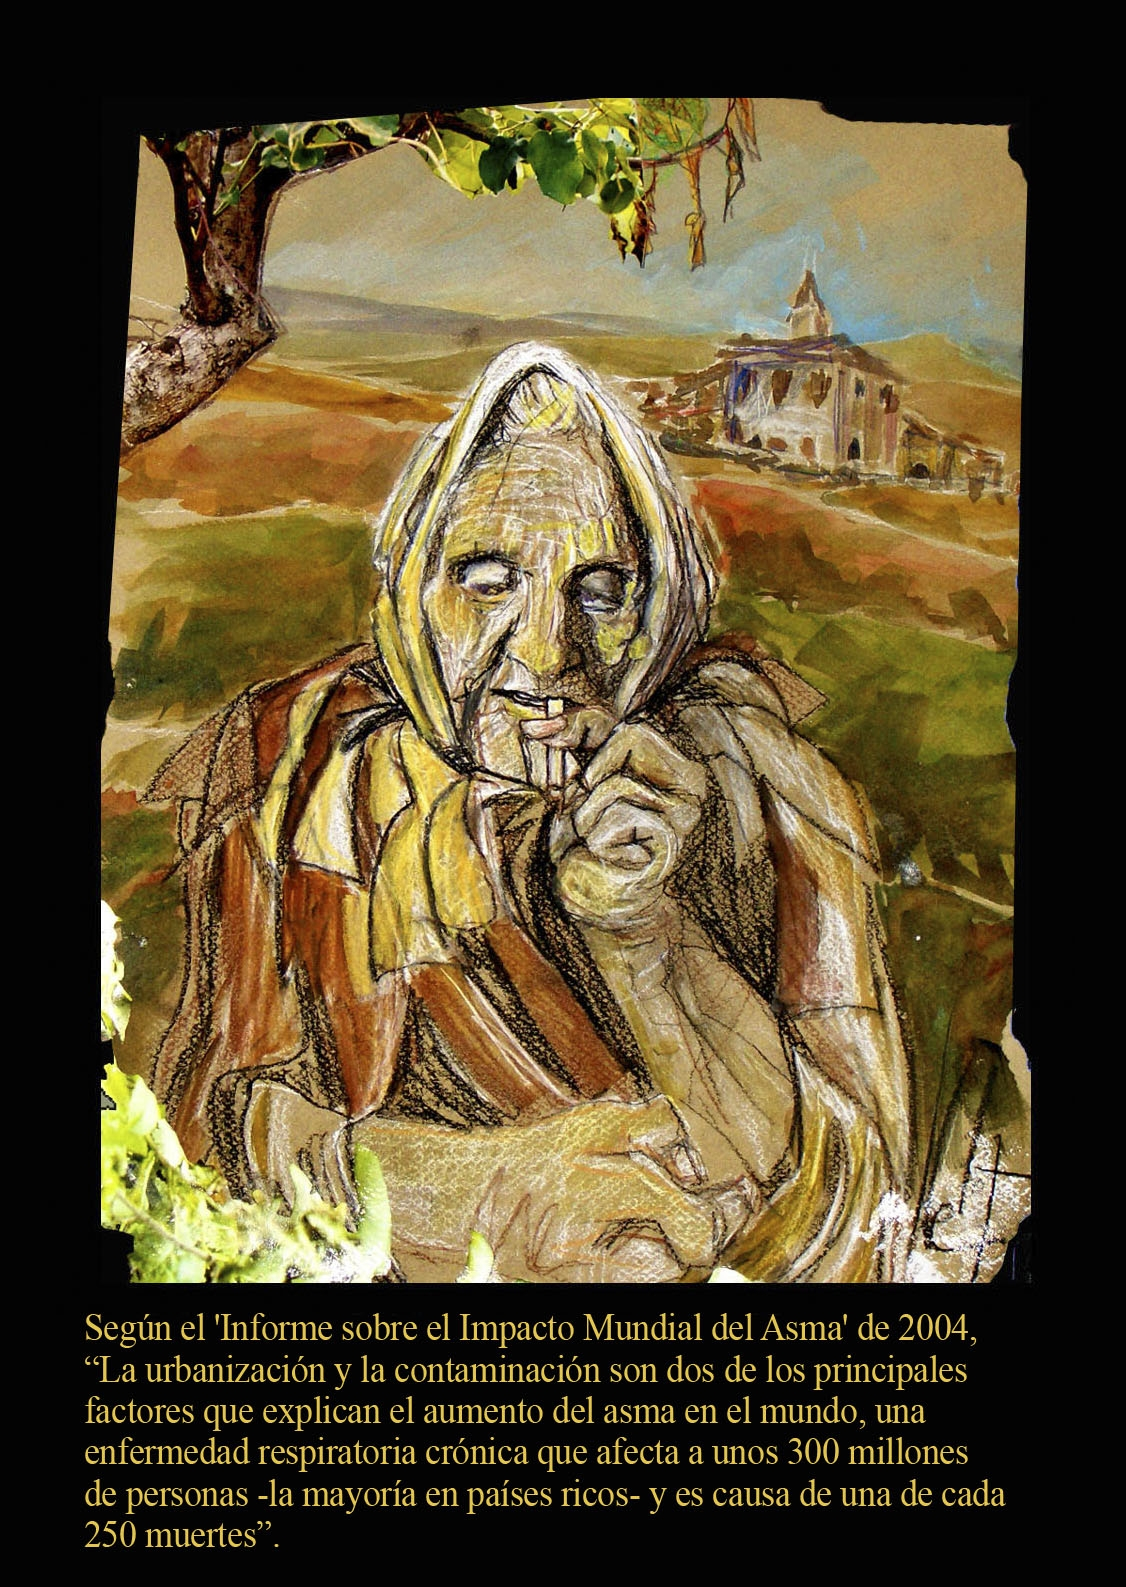 4bbb5cf6cb Asma / Banco de ilustraciones / Ilustraciones / Multimedia / SINC